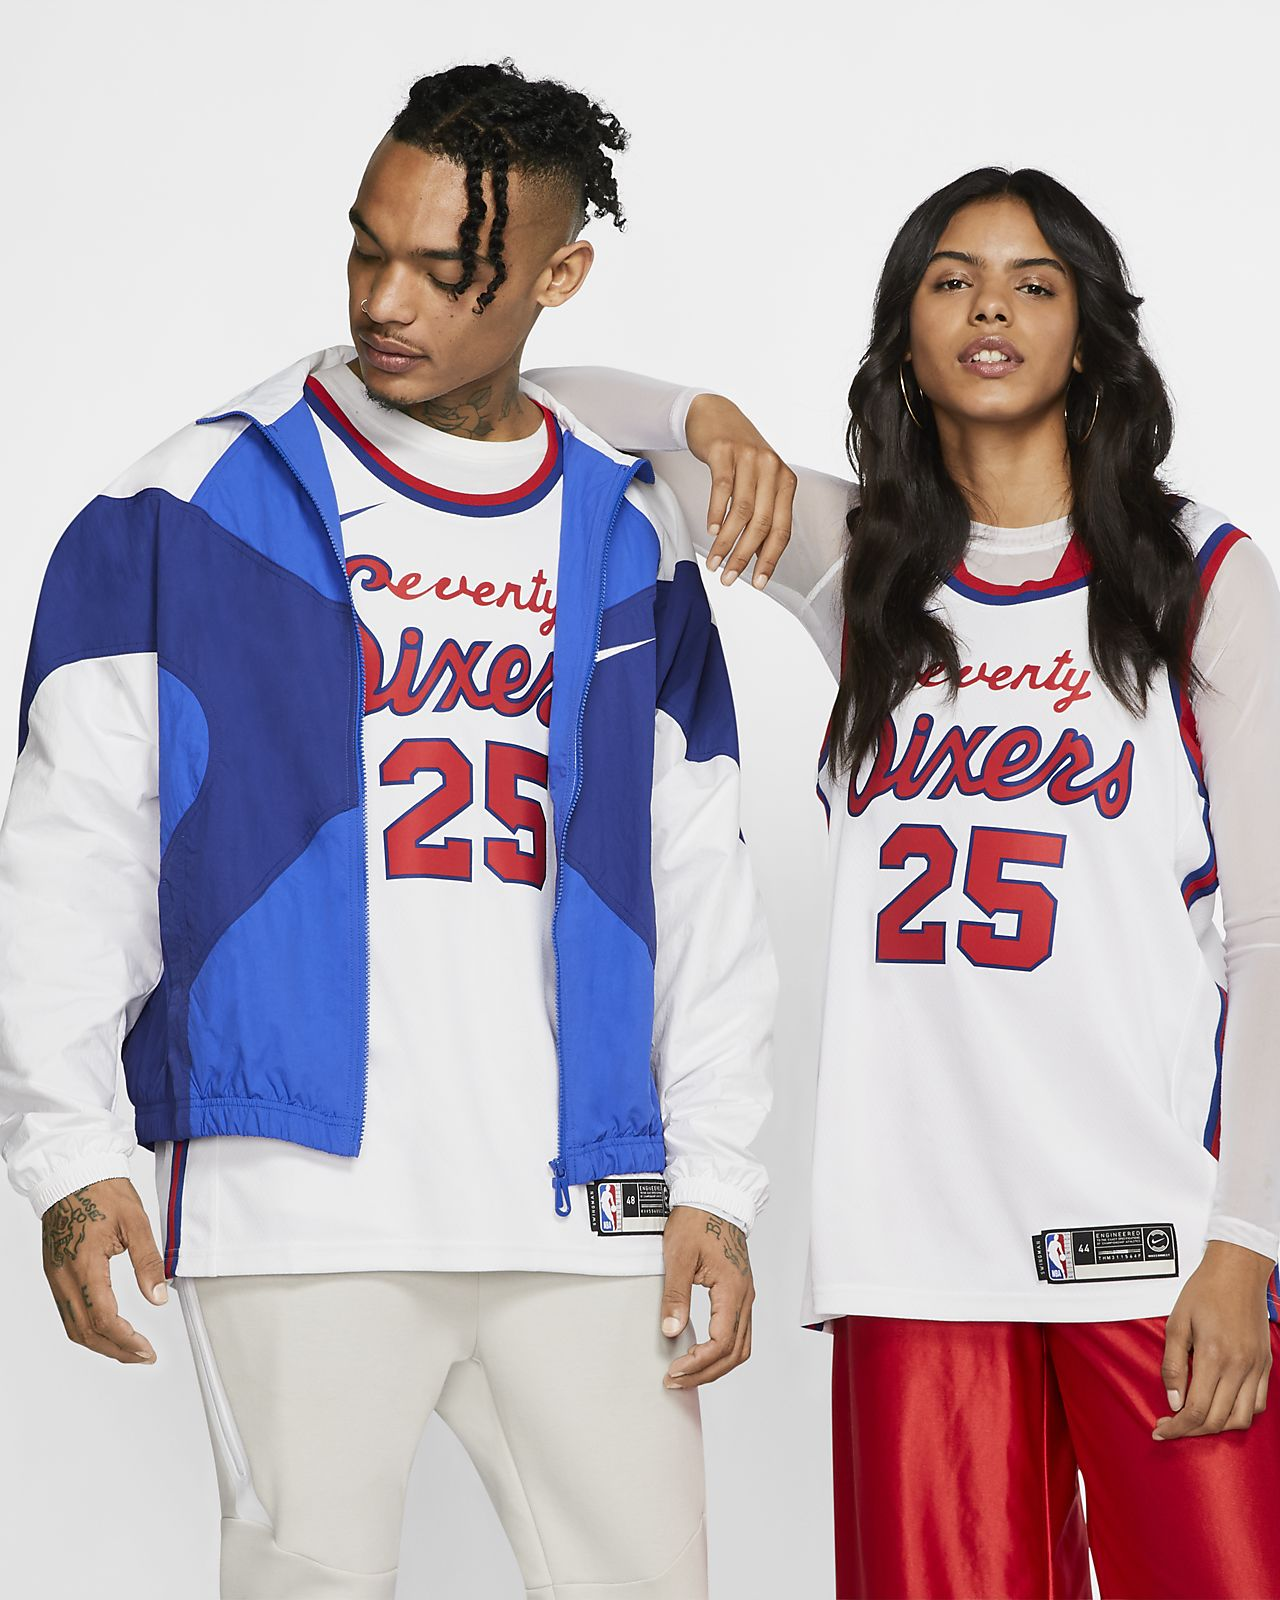 Ανδρική συνδεδεμένη φανέλα Nike NBA Ben Simmons Classic Edition Swingman (Philadelphia 76ers)